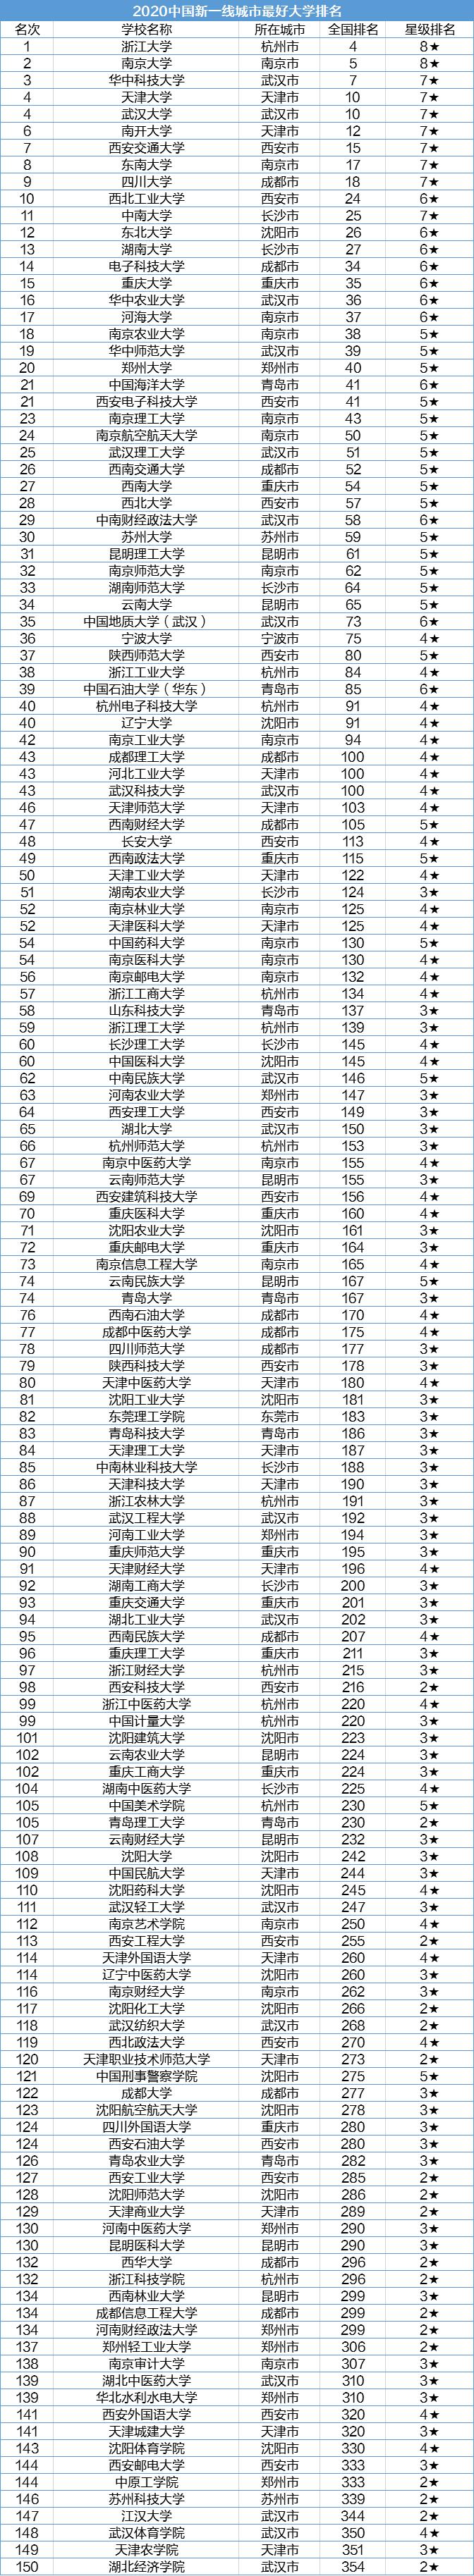 2020年新一线城市大学排名:中南大学第11,湖南大学第13